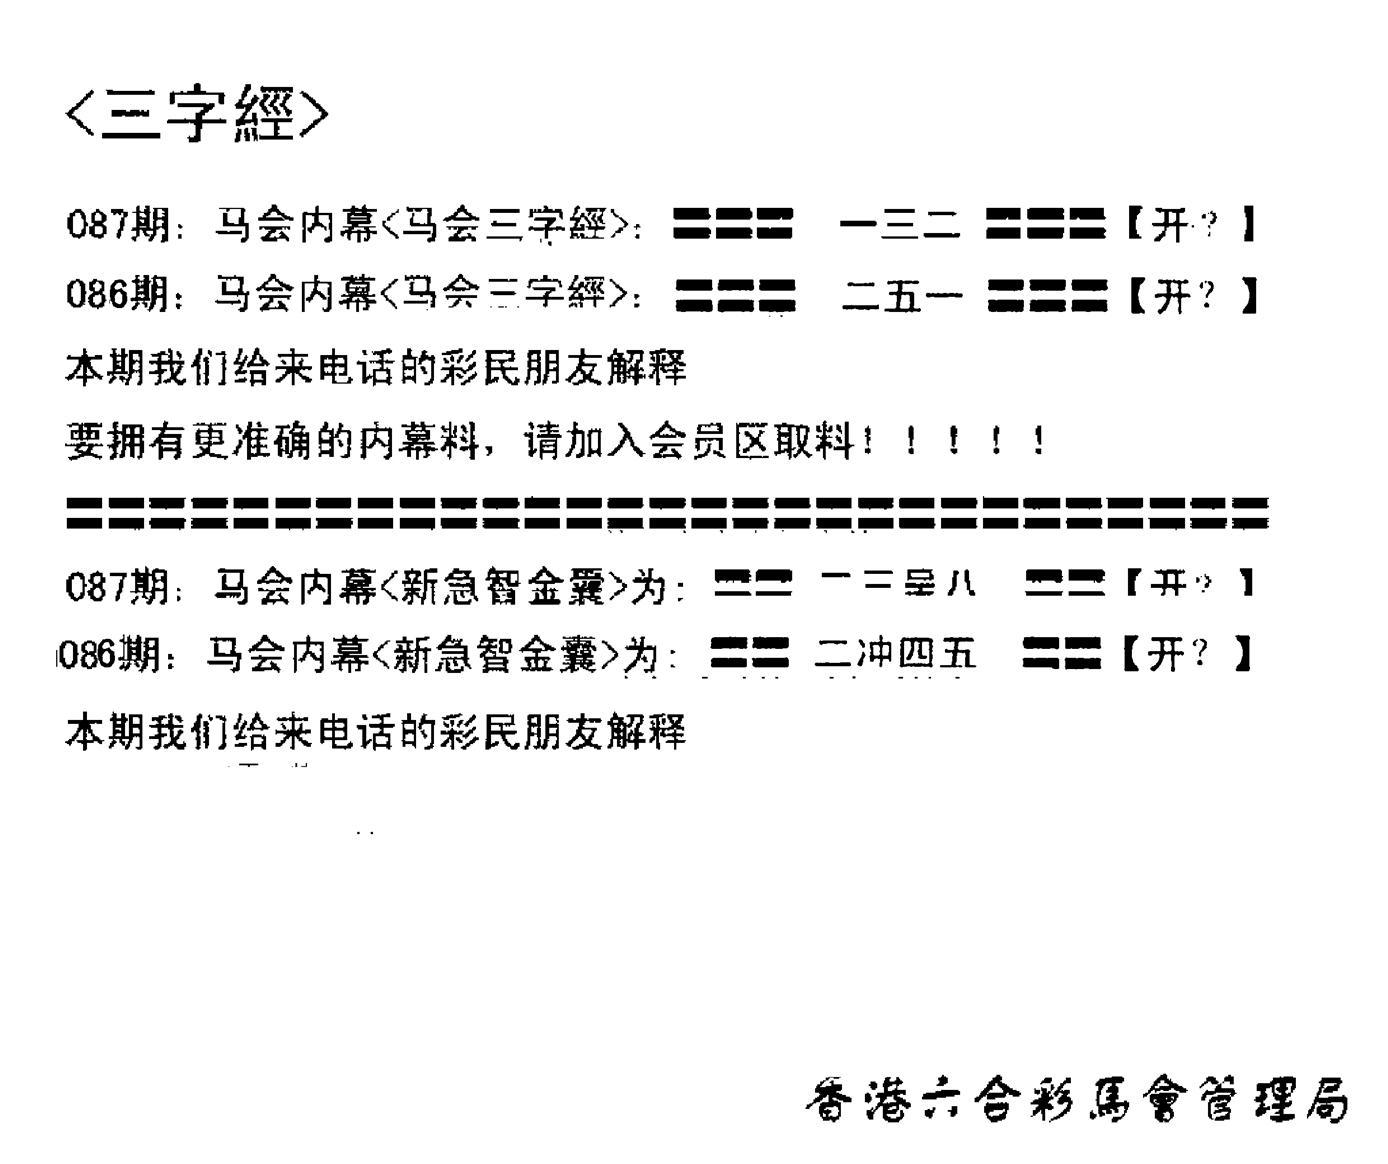 087期电脑版(早版)(黑白)